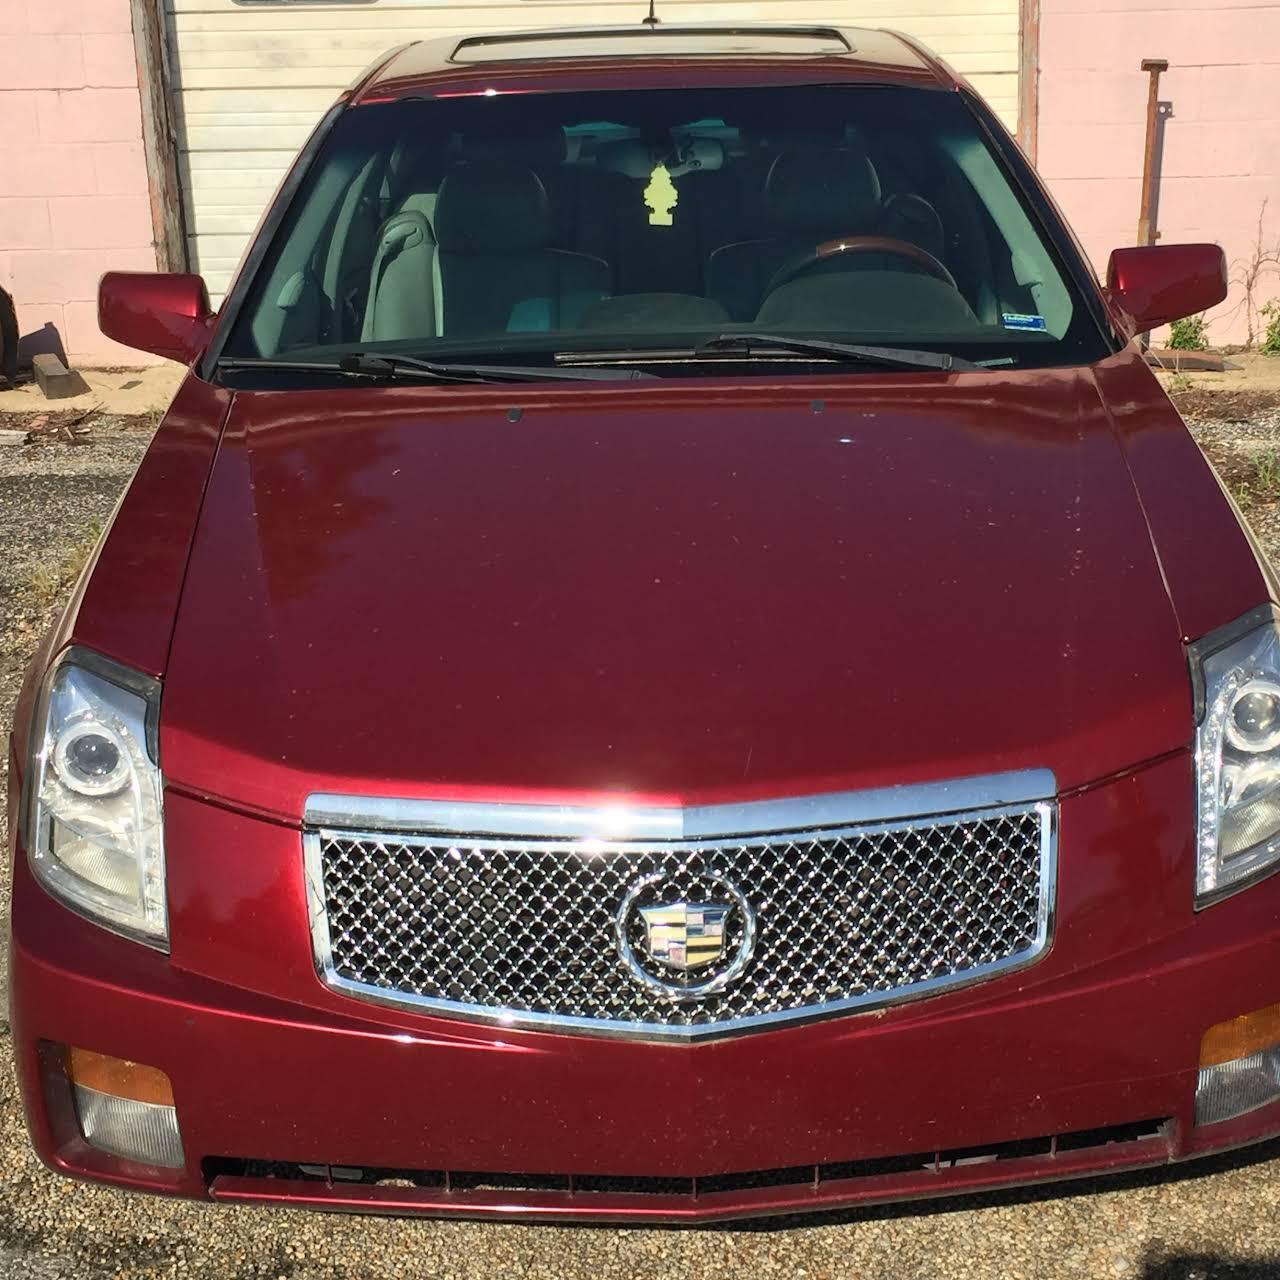 Ron Eakens Used Cars & Salvage, LLC - Used Cars & Salvaged